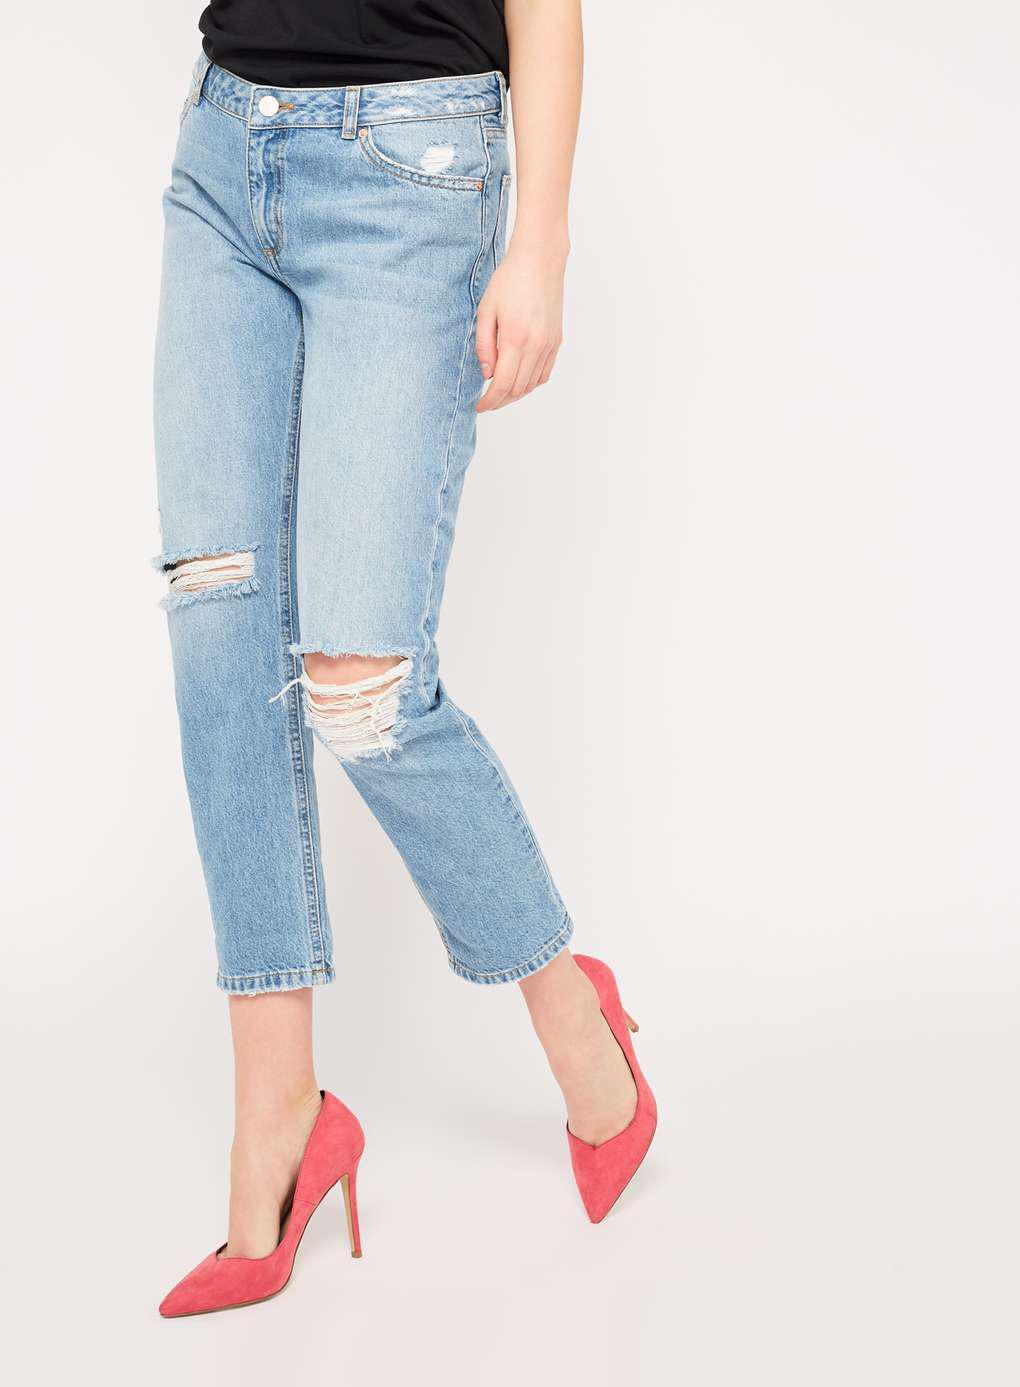 Manchester Womens Turndown Hem Boyfriend Jeans Miss Selfridge Brand New Unisex For Sale WK9Nr5RCB